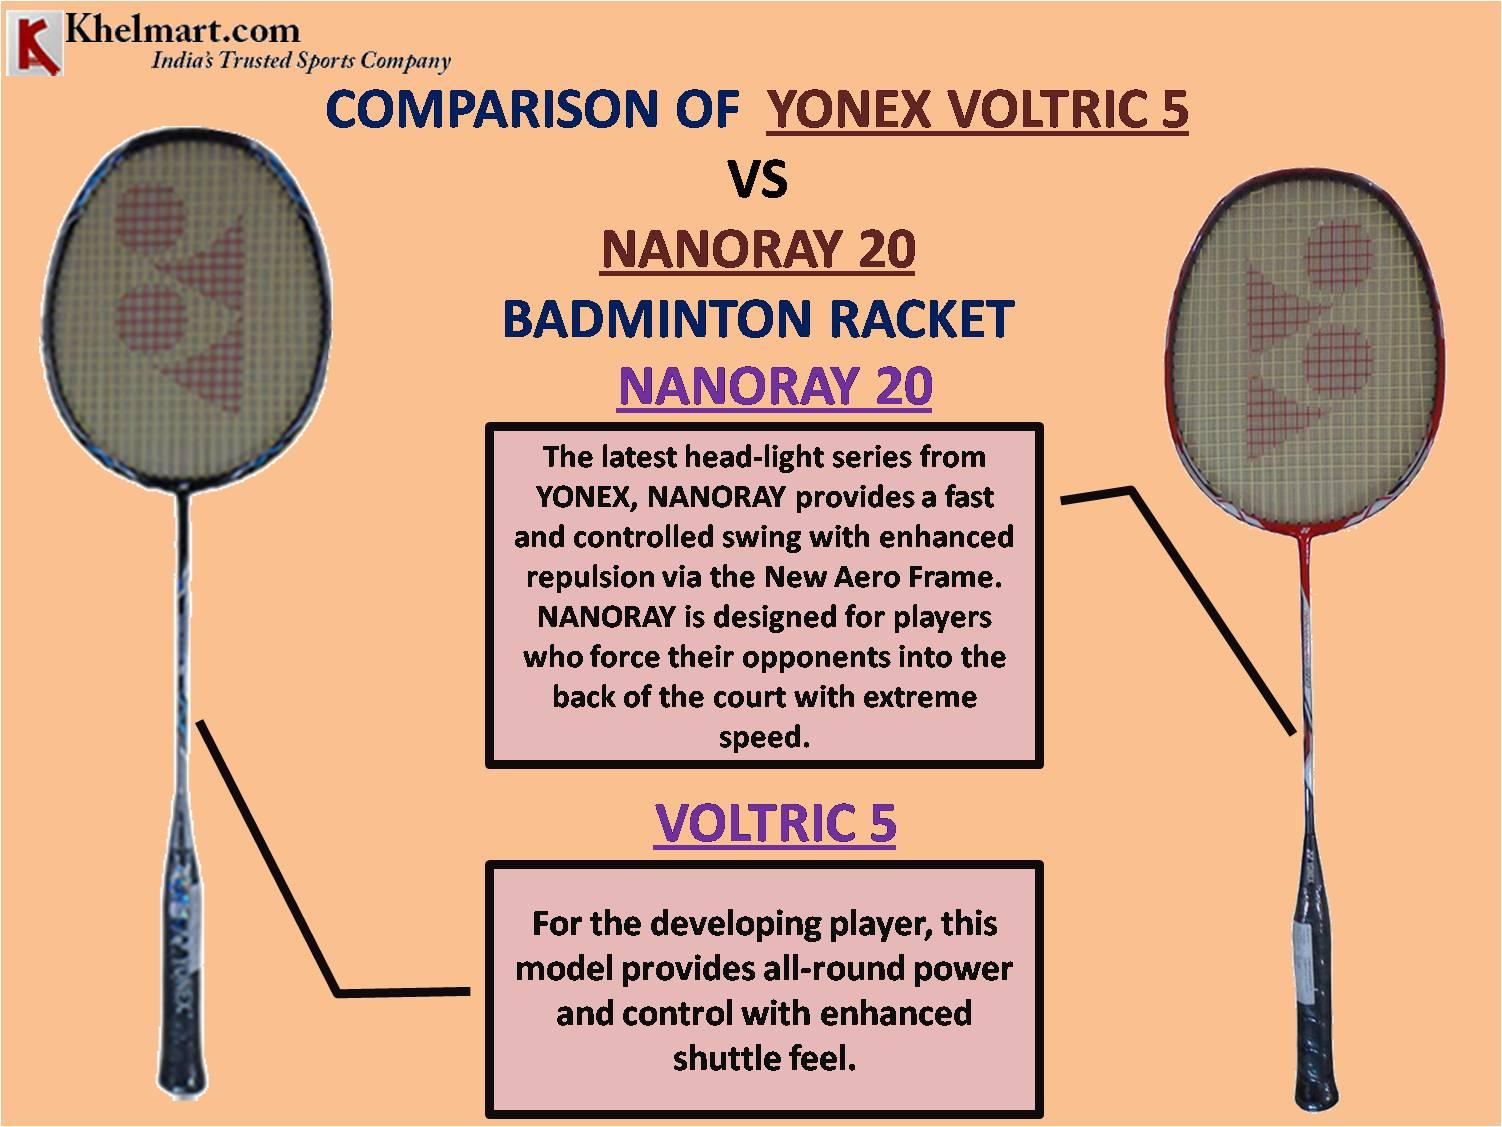 COMPARISON OF YONEX VOLTRIC 5 VS NANORAY 20